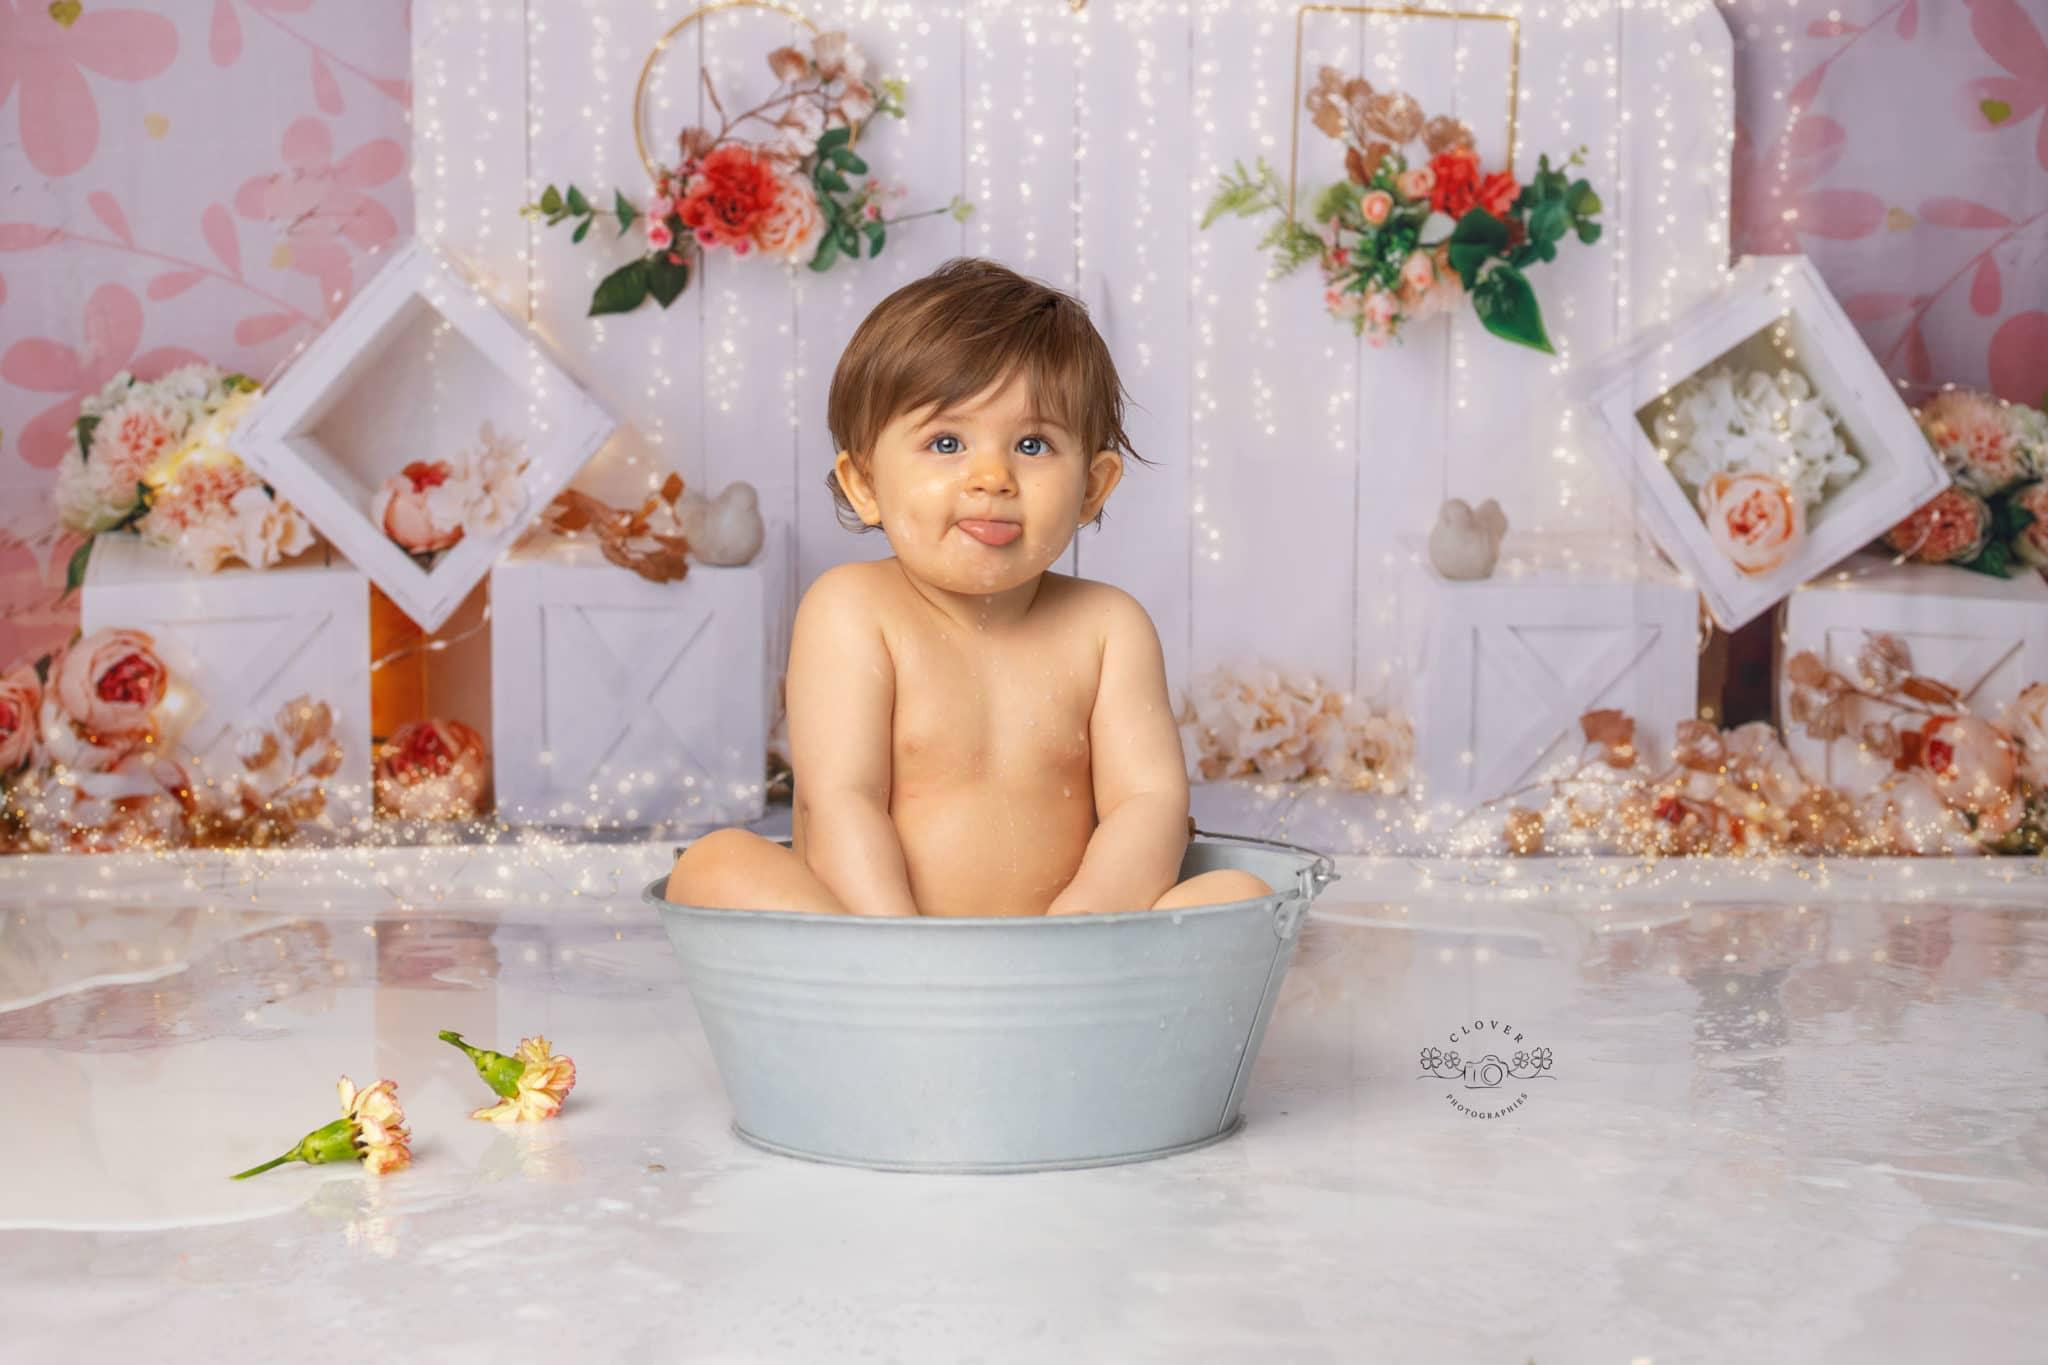 séance photo bébé bain de lait anniversaire smash the cake - clover photographies